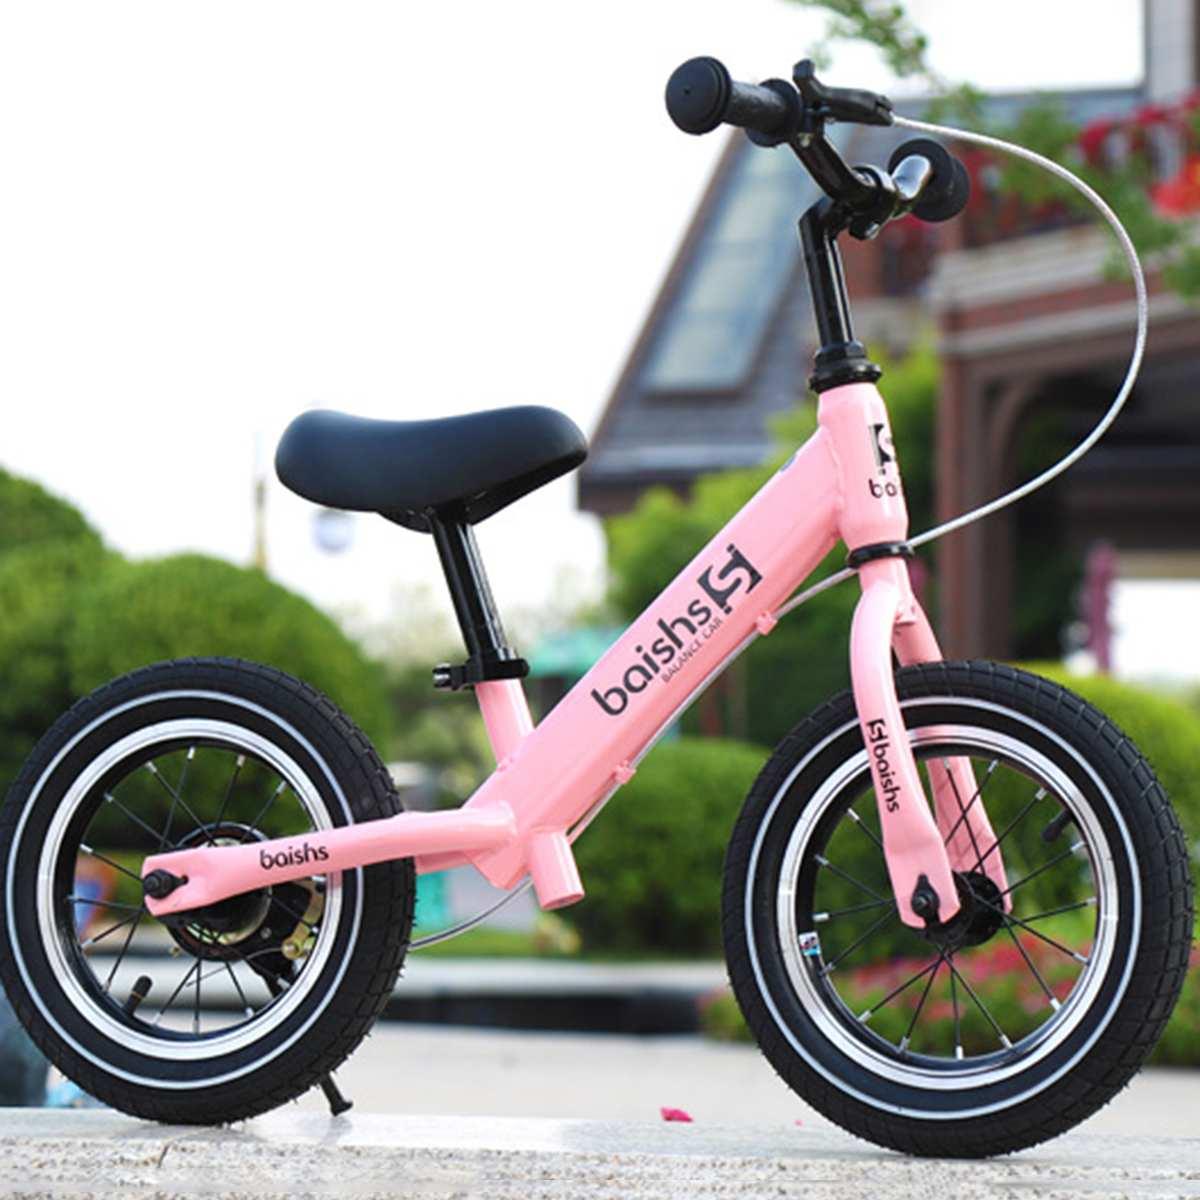 Детский тормозной велосипед без педалей, детский беговел, скутер, уличная игрушка, тренировочный велотренажер для детей 2-8 лет, 71x17x36 см, розо...